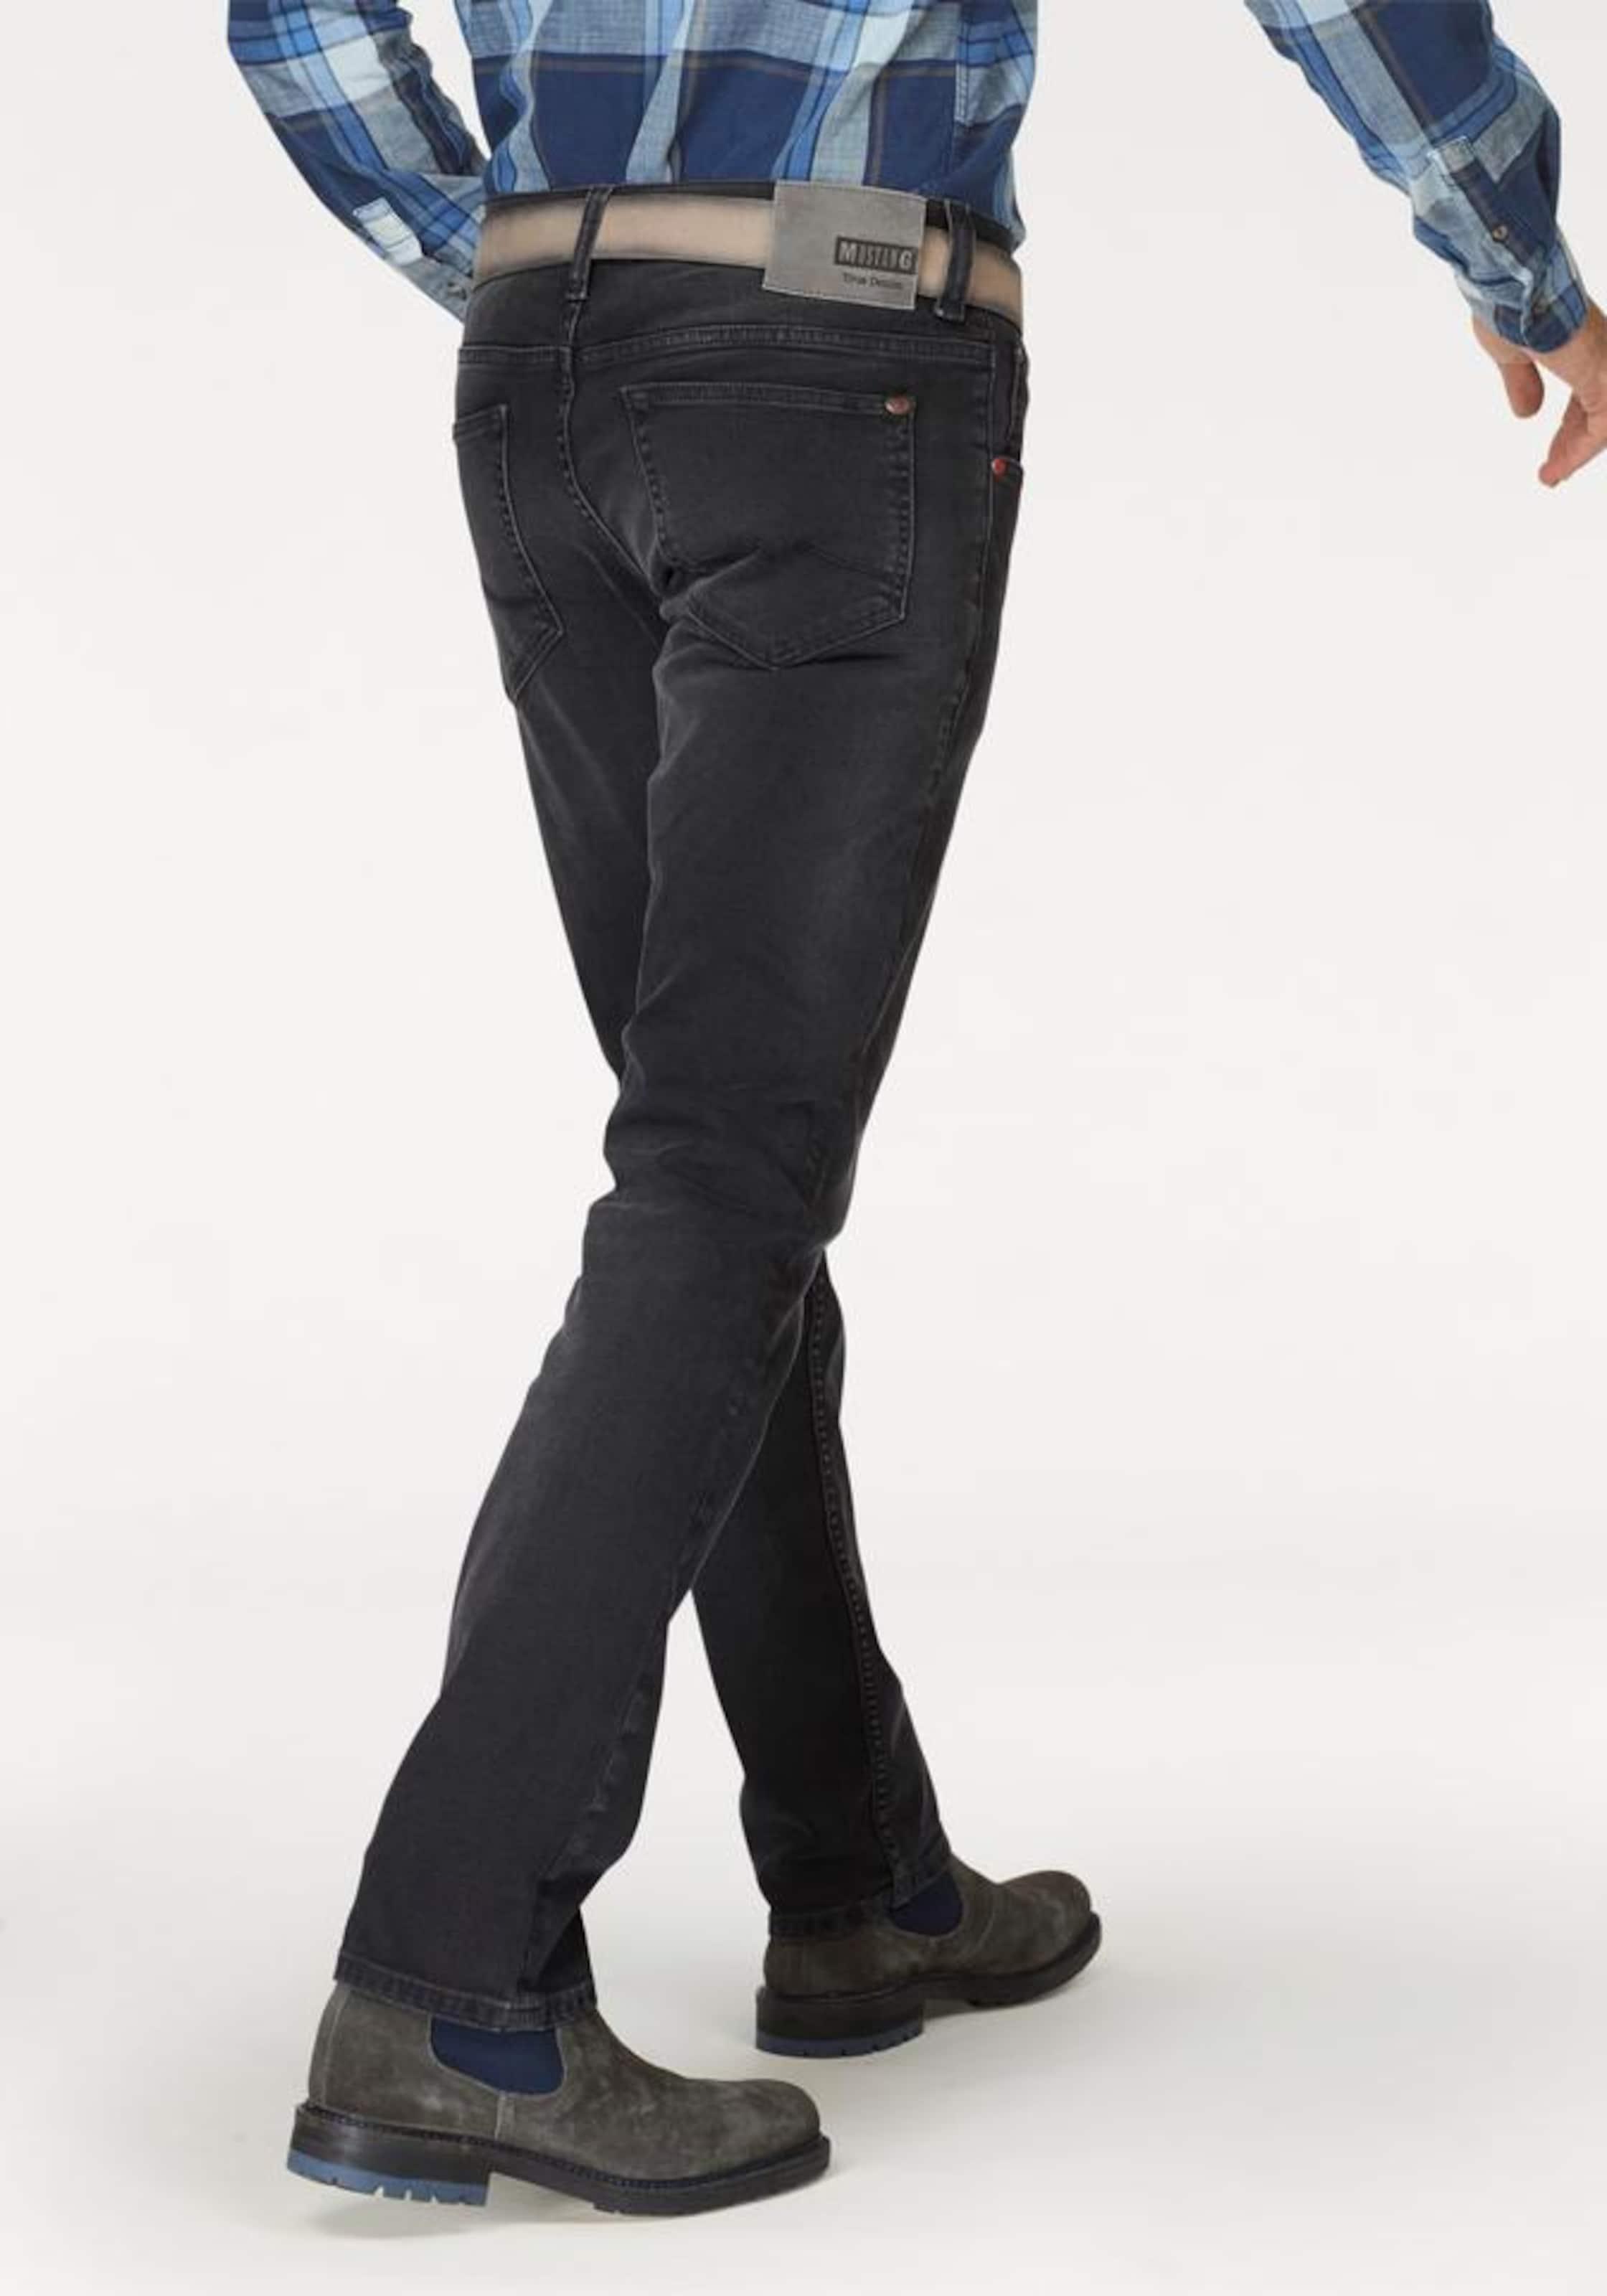 MUSTANG Jeans Chicago Günstig Kaufen Niedrigen Preis gjsLwVC4